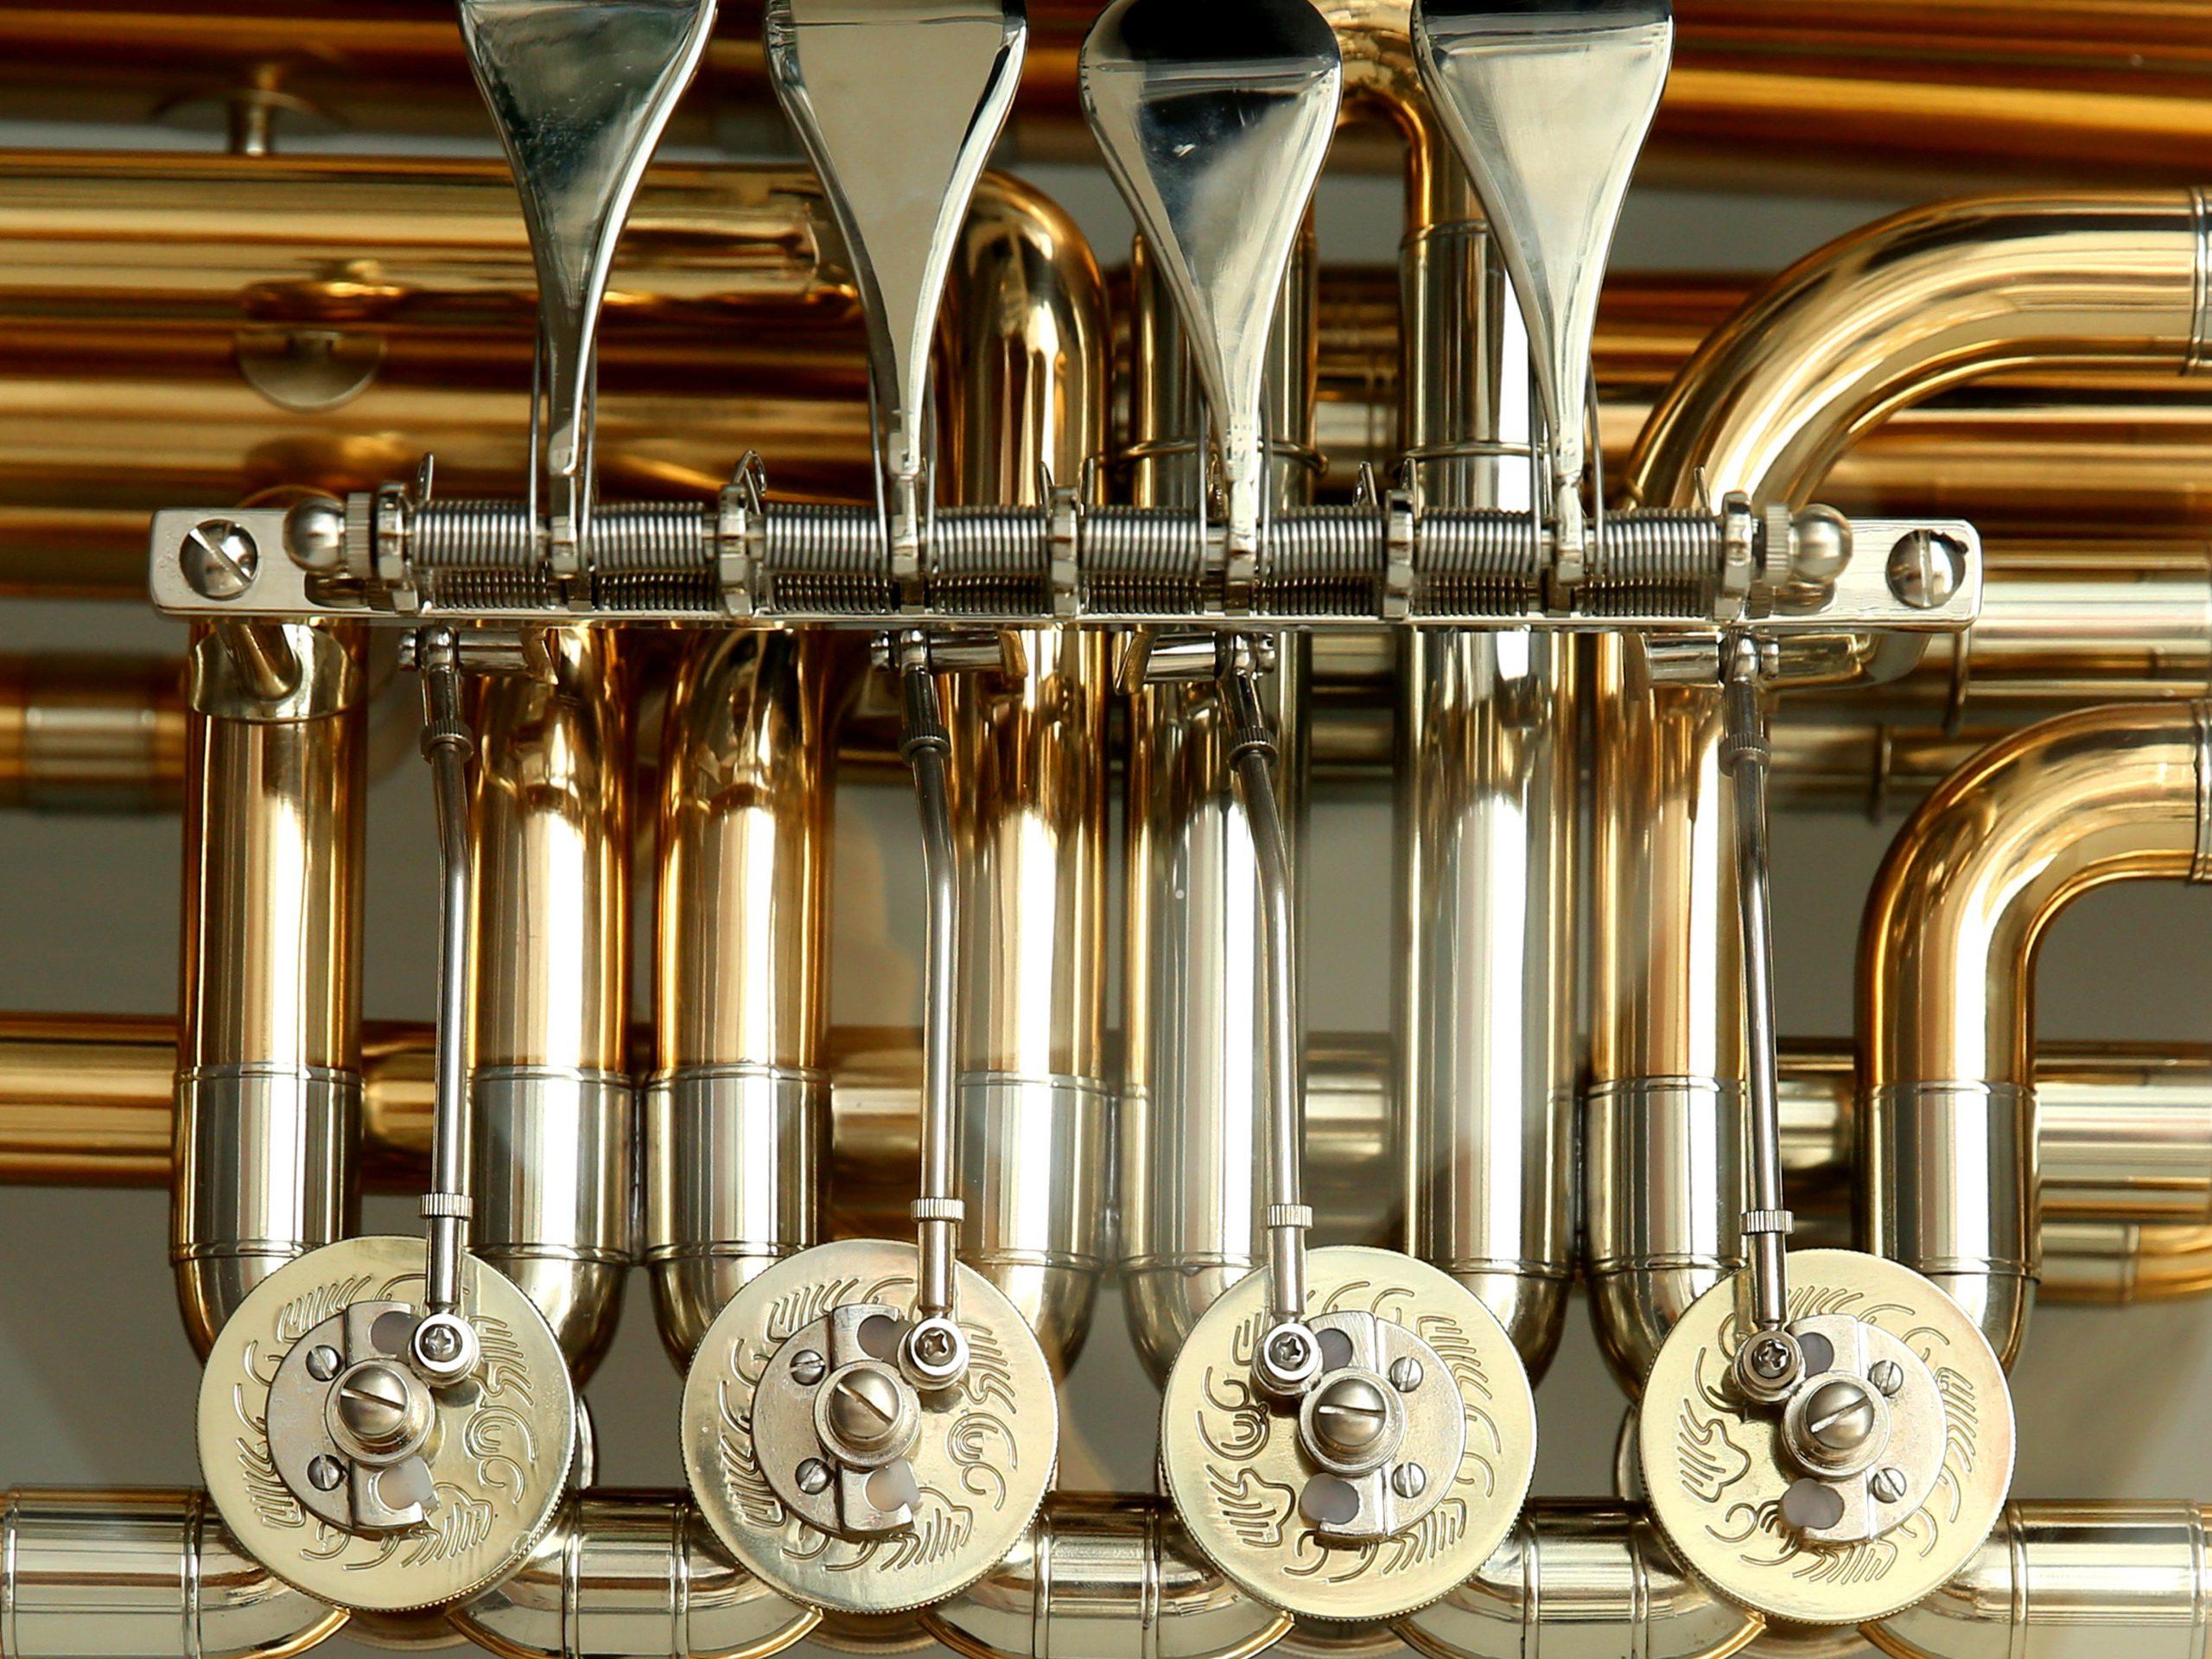 rotary-valves-429948